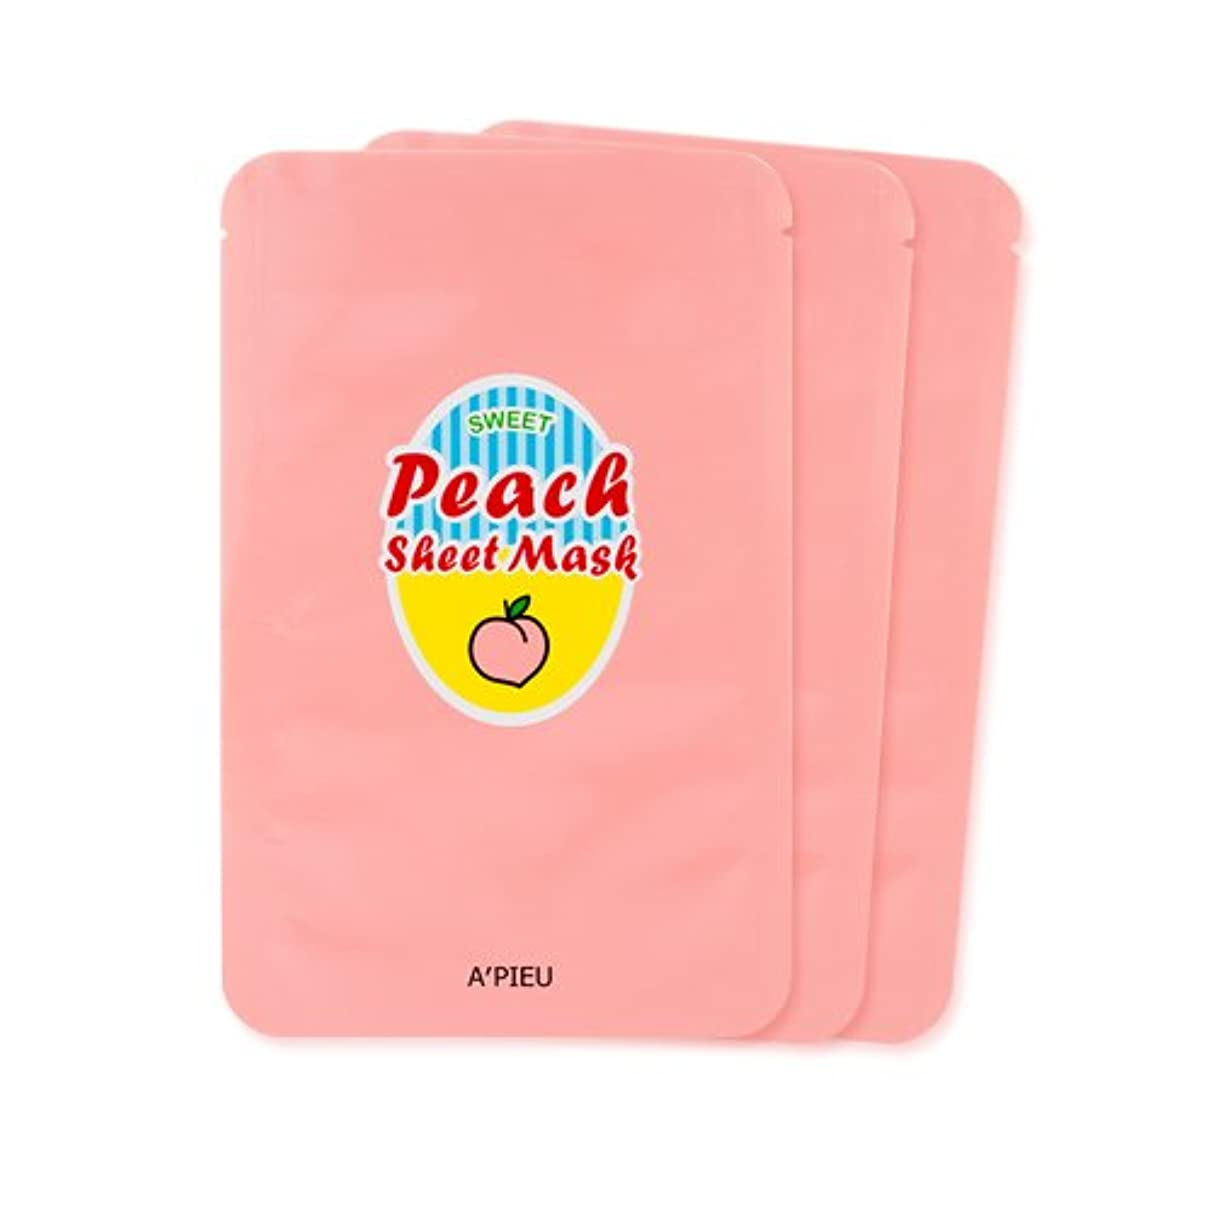 解体する残高ハントA'PIEU Sweet Peach Sheet Mask 3EA / [オピュ/アピュ] スイートピーチシートマスク3枚 [並行輸入品]